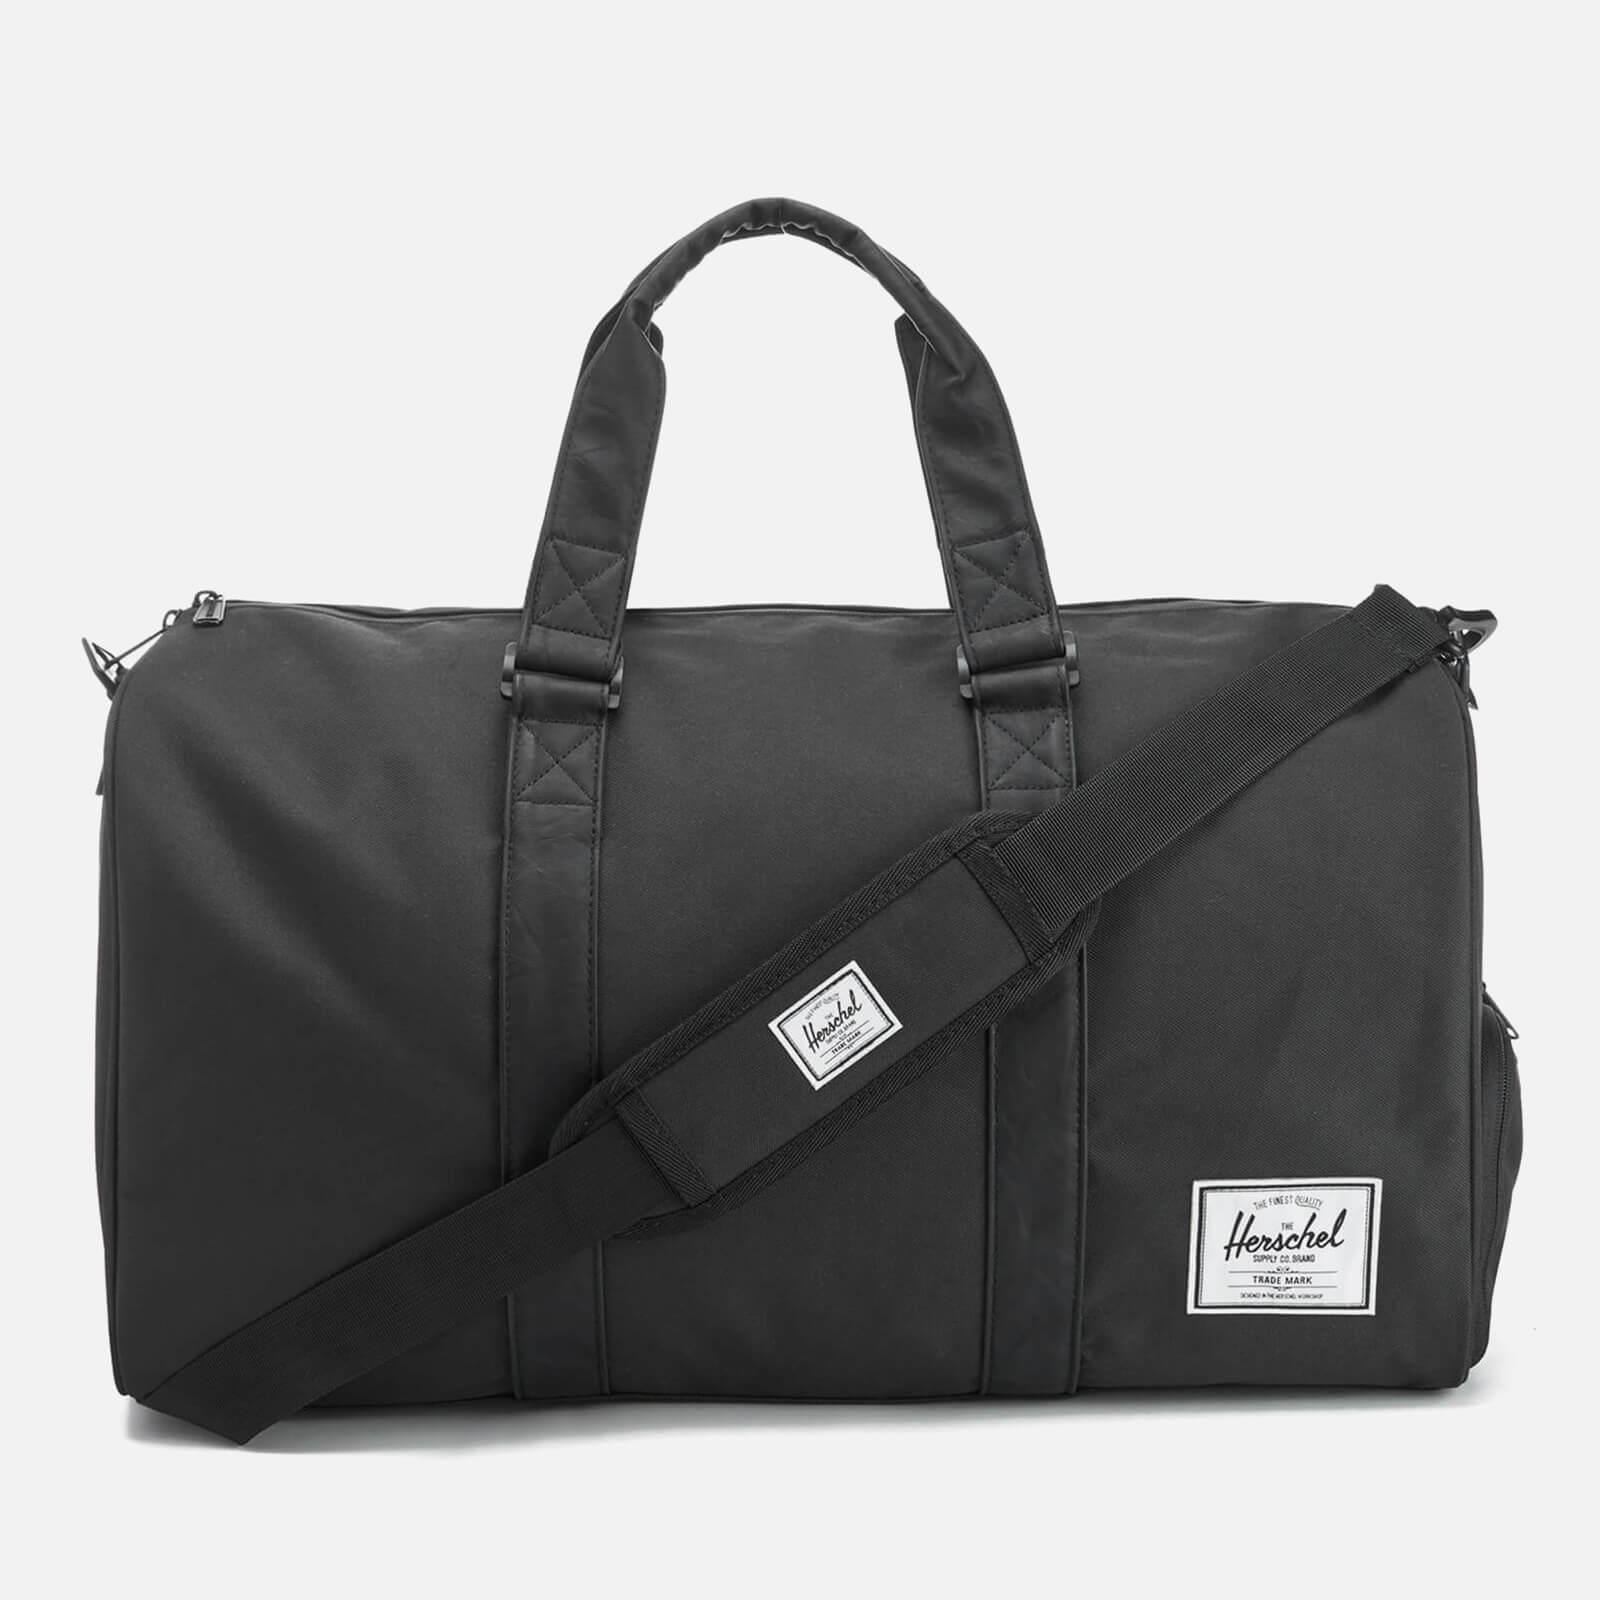 Herschel Supply Co. Men's Novel Duffle Bag - Black